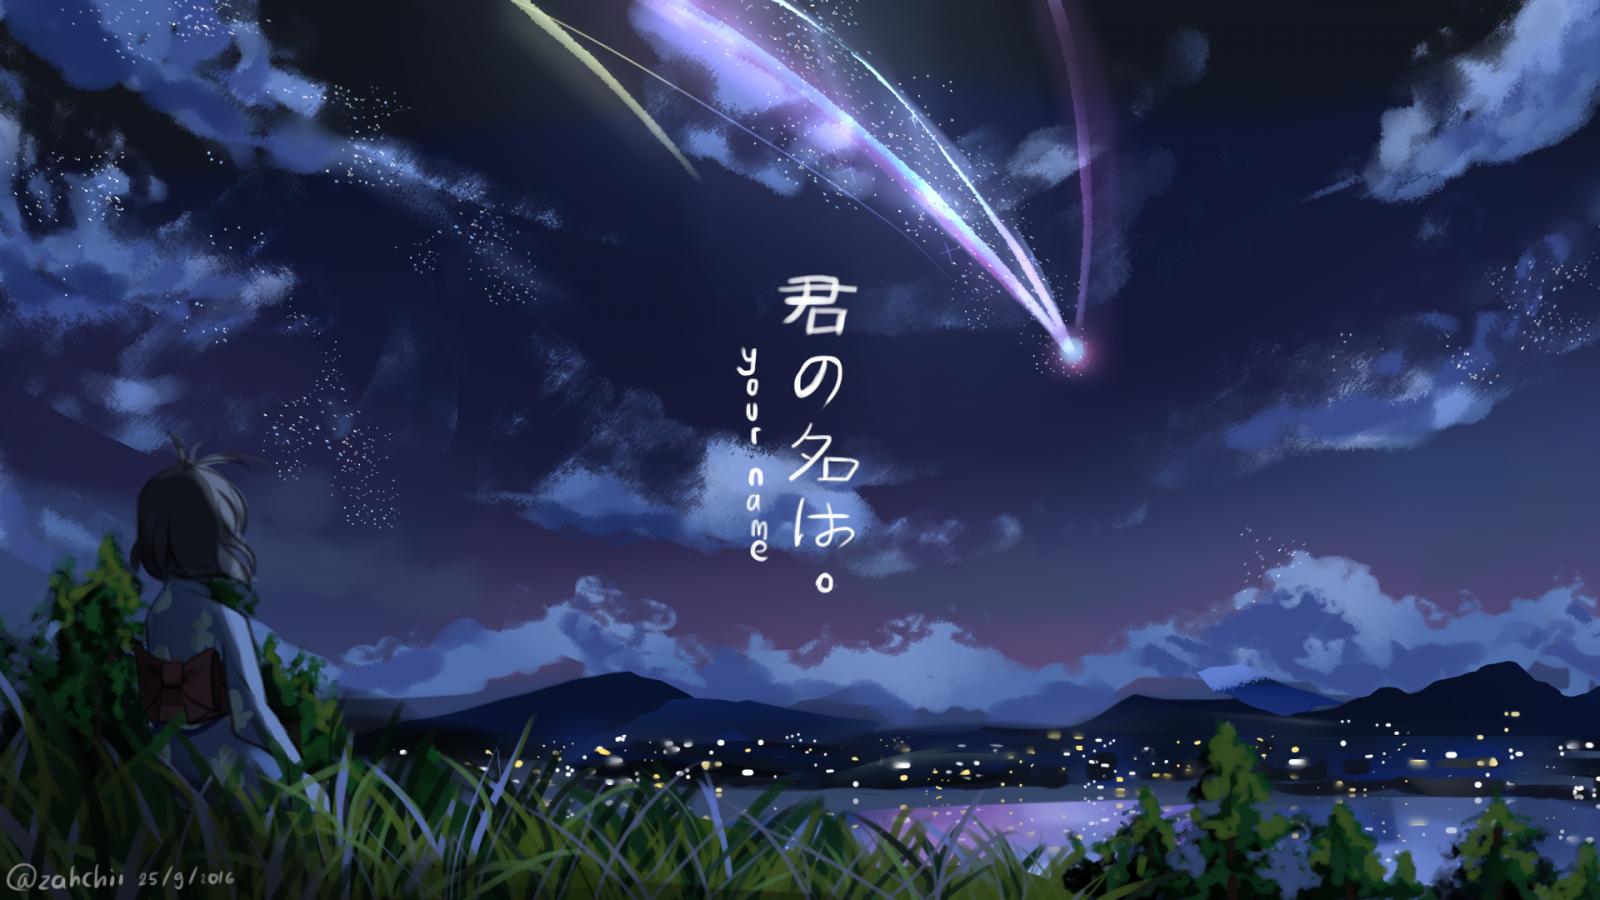 Free Download Makoto Shinkai Kimi No Na Wa Wallpaper Full Hd